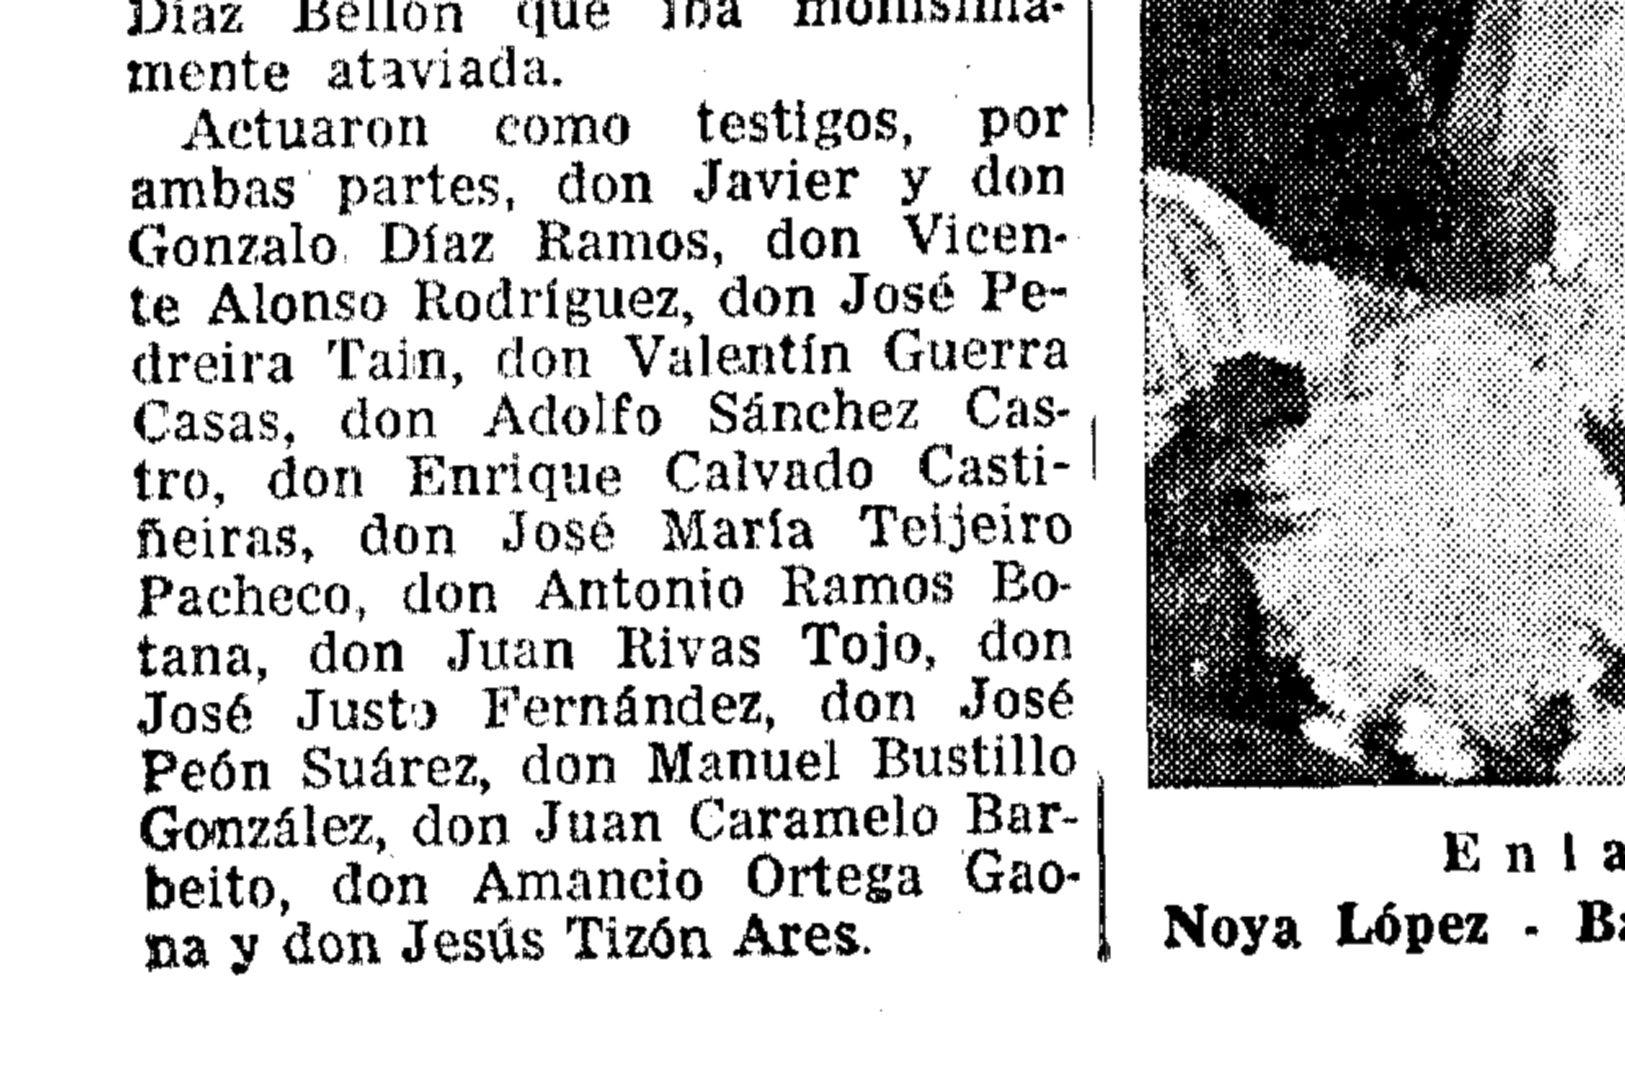 Amancio Ortega, mencionado en una publicación del 6 de octubre de 1967 como testigo de una boda